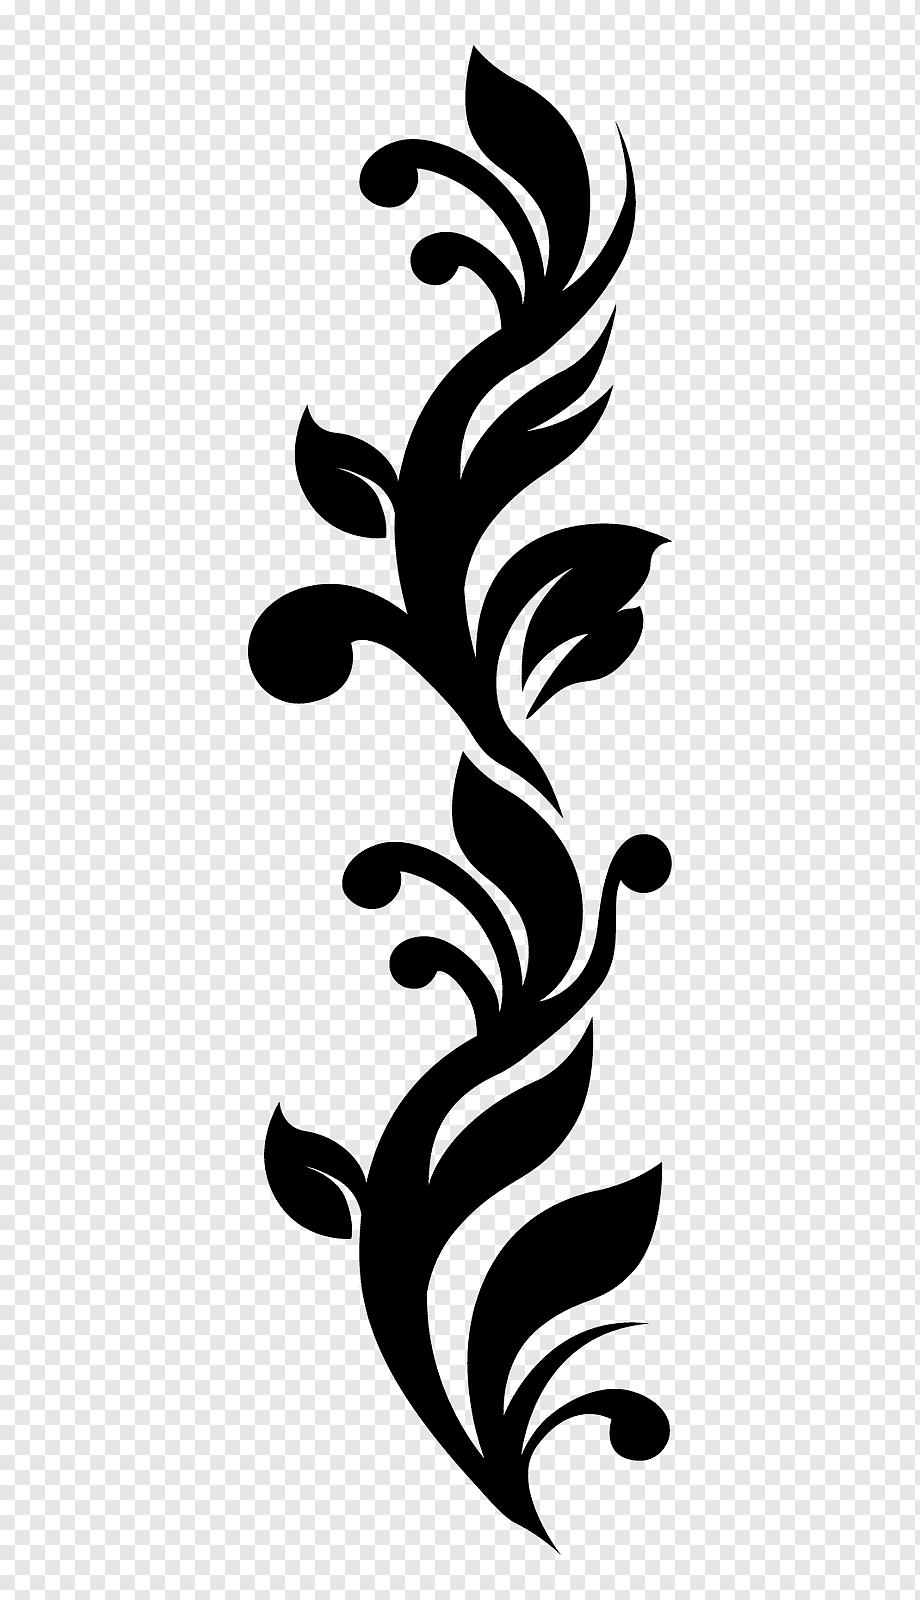 Batik Motif Bunga Vektor Png : batik, motif, bunga, vektor, Sticker, Decal,, Batik,, Leaf,, Logo,, Monochrome, PNGWing